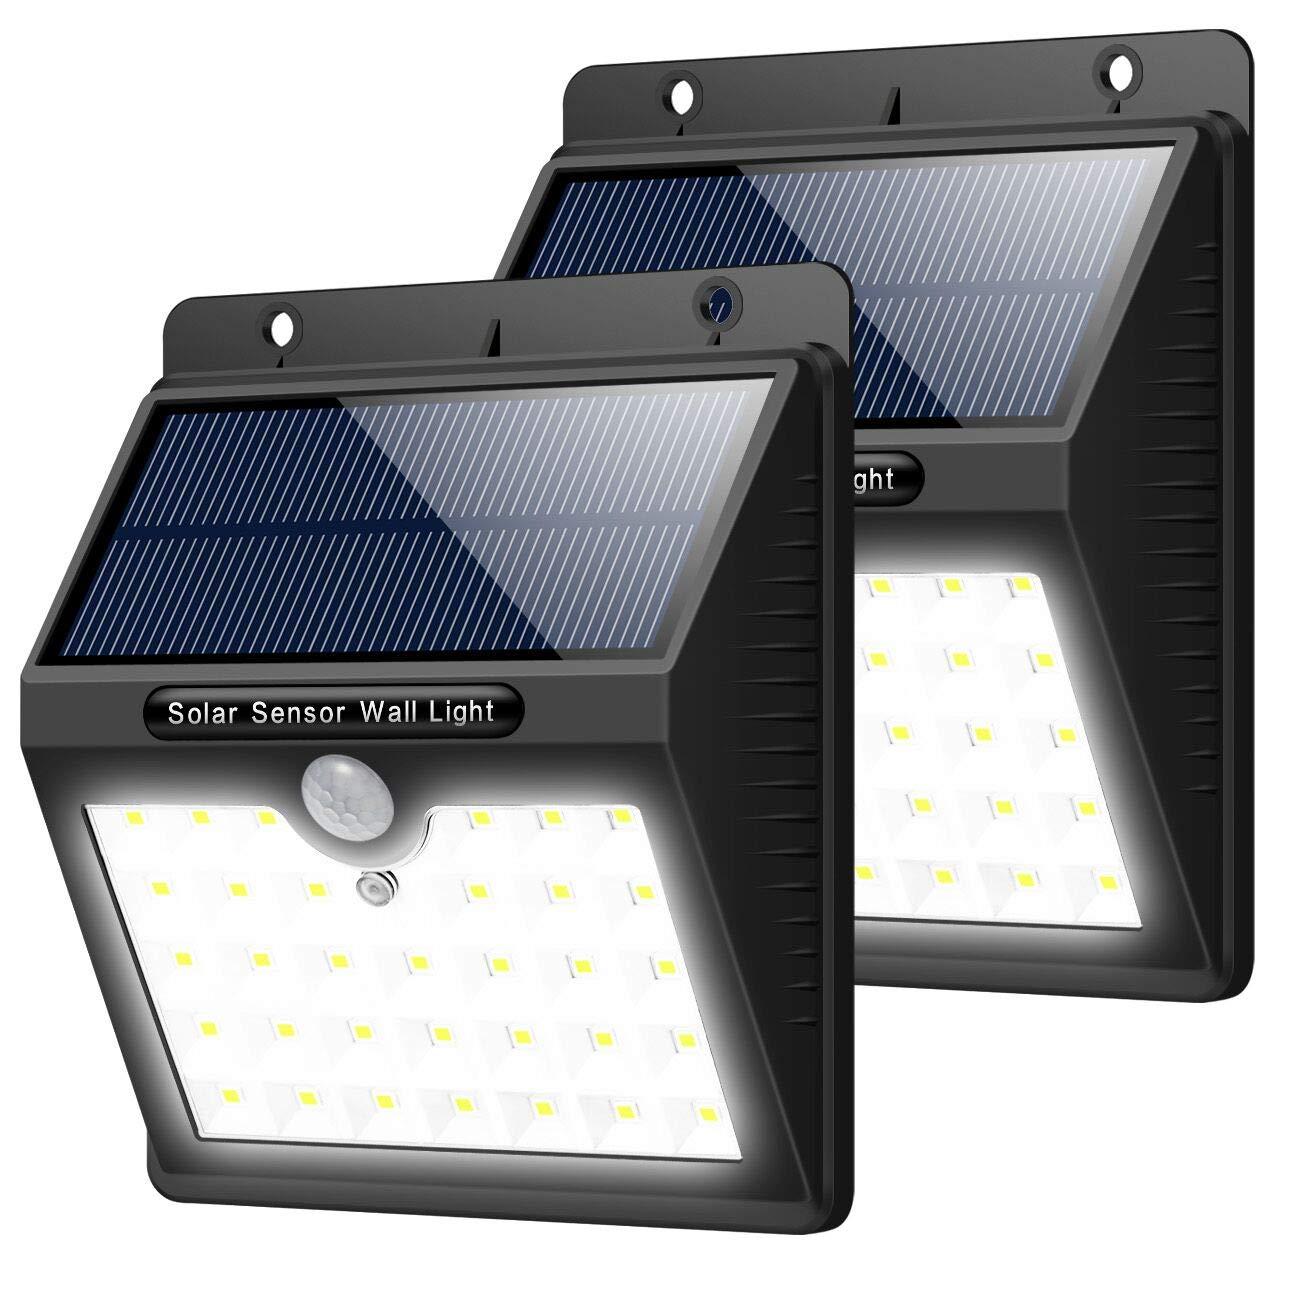 Luz Solar Jardín, 2 Pcs Trswyop 33 LED Luces Solares con Sensor Movimiento Lámpara Solar Exteriors Impermeable Focos Solar con 3 Modos Para Pared, Patio, Garaje, Camino de Entrada, Escaleras: Amazon.es: Iluminación